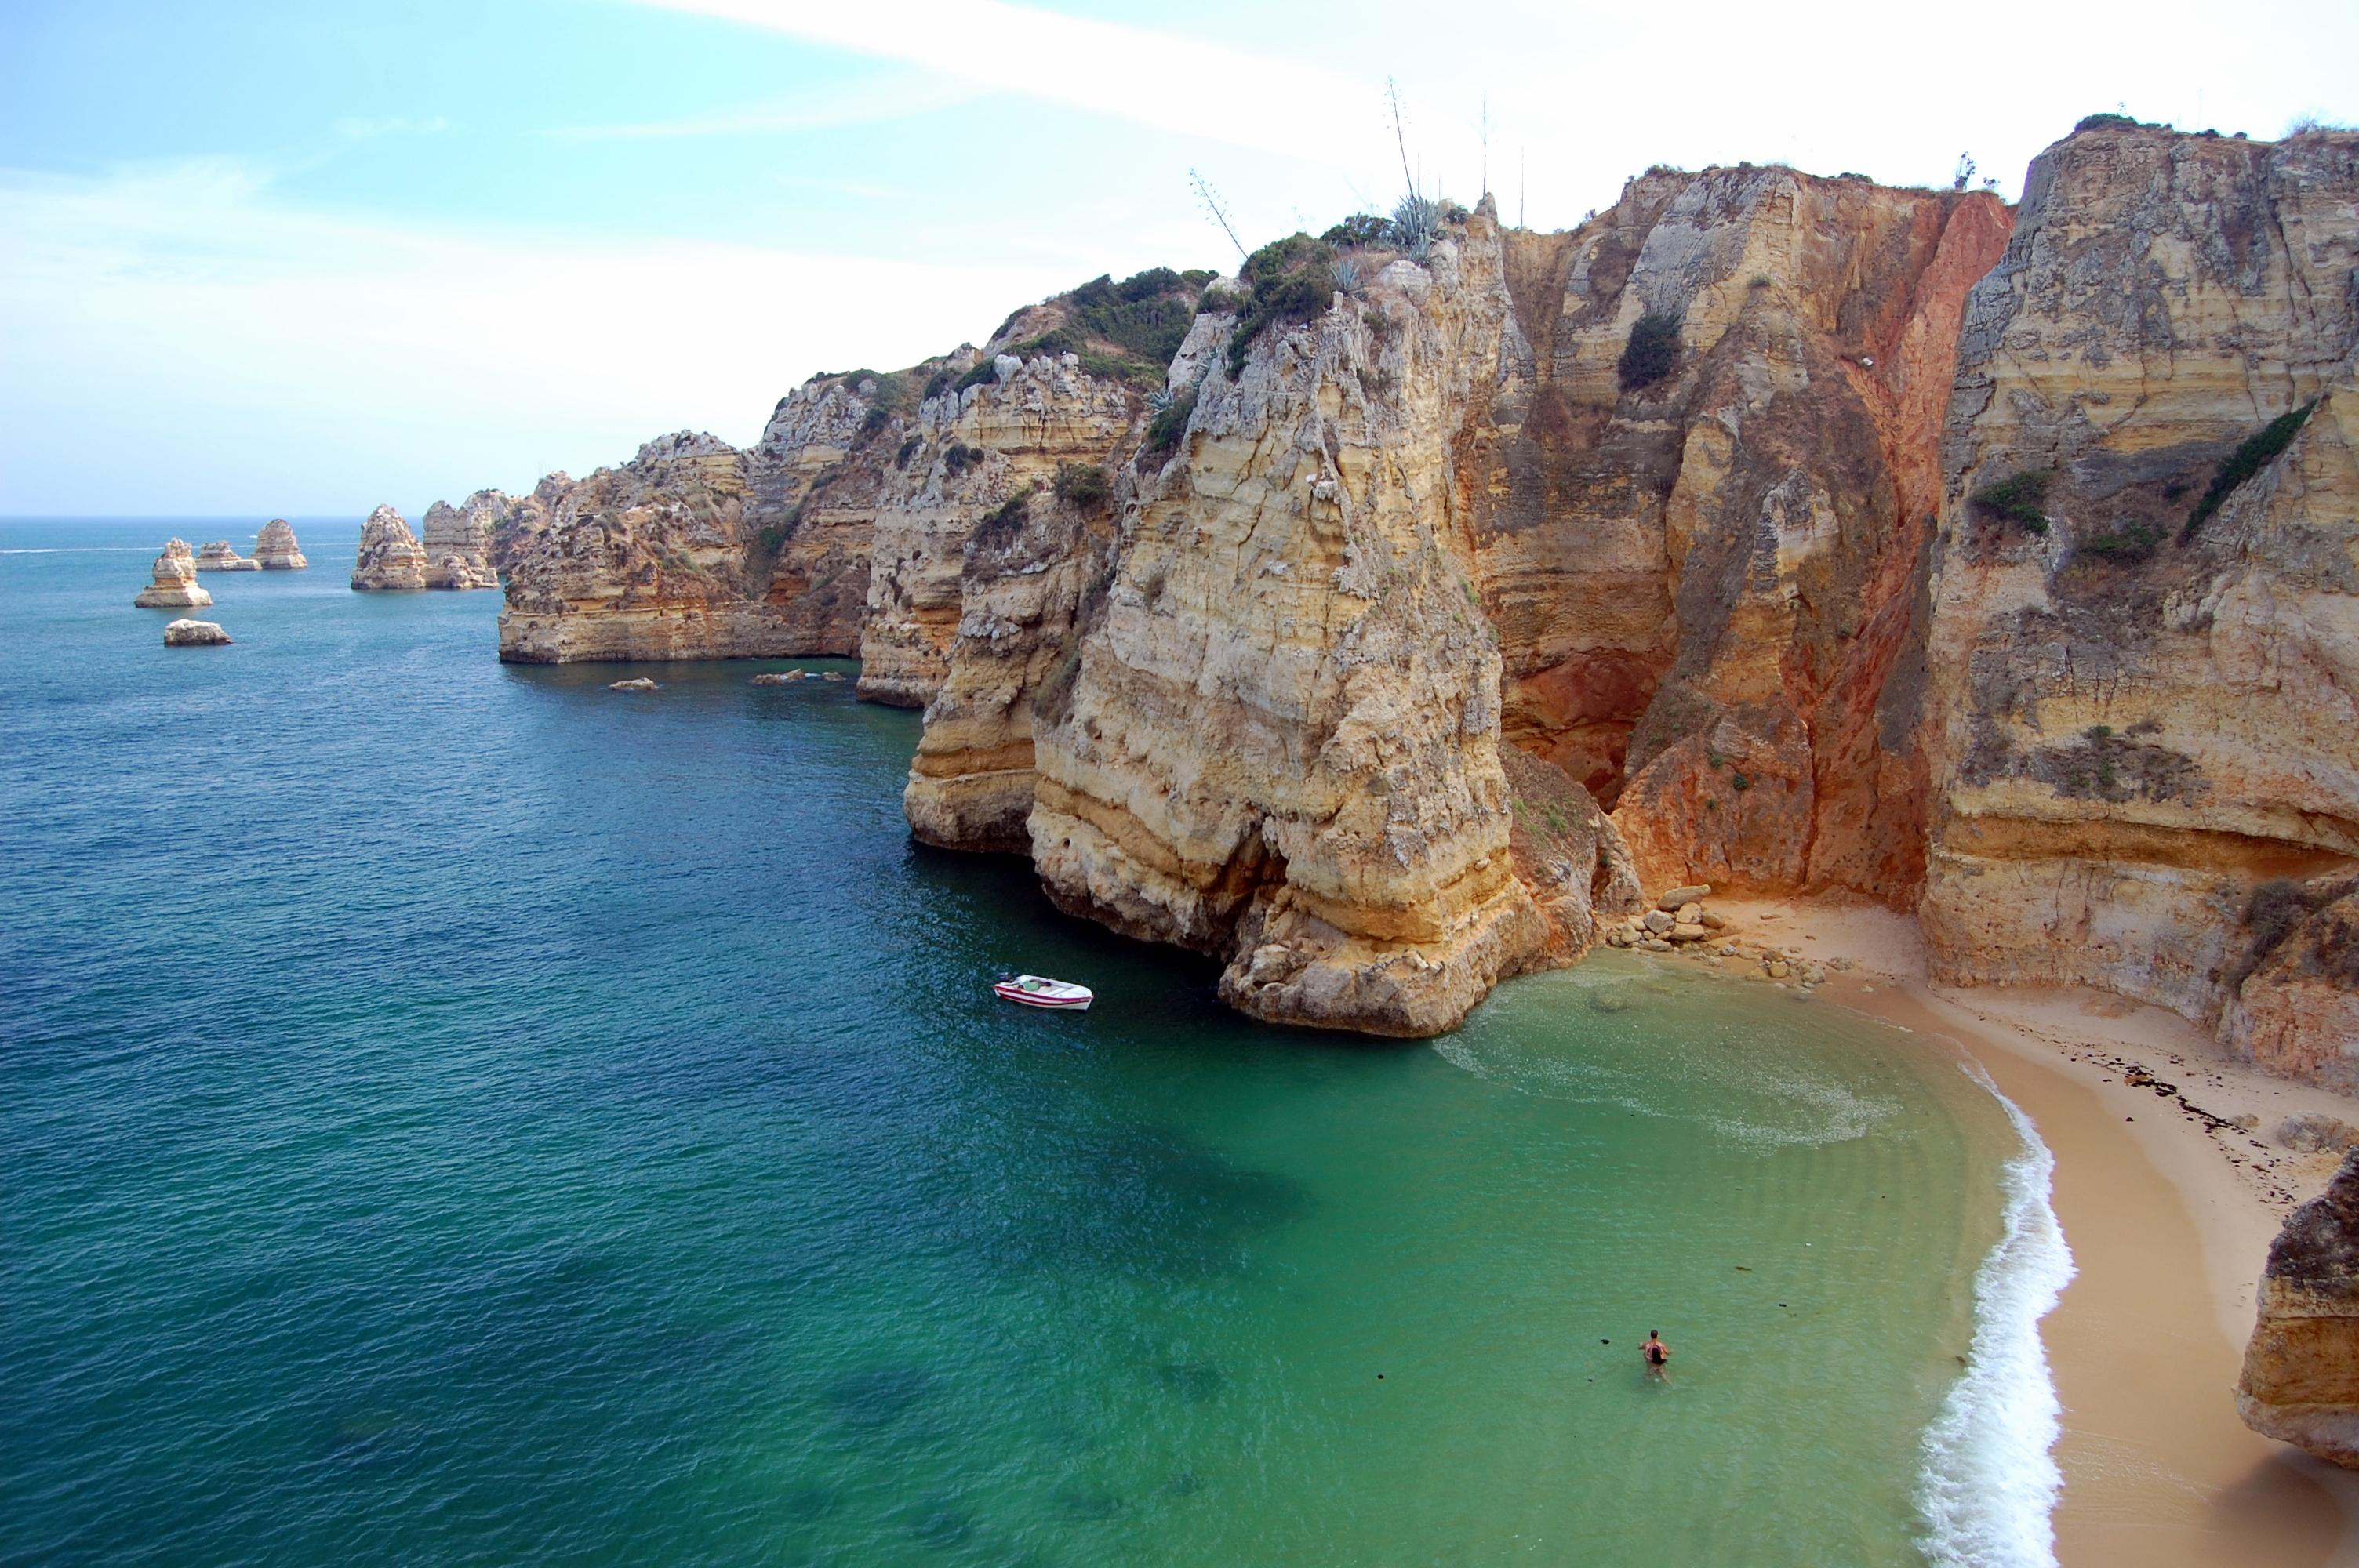 https://upload.wikimedia.org/wikipedia/commons/b/b1/Praia_da_Dona_Ana_cliffs.jpg